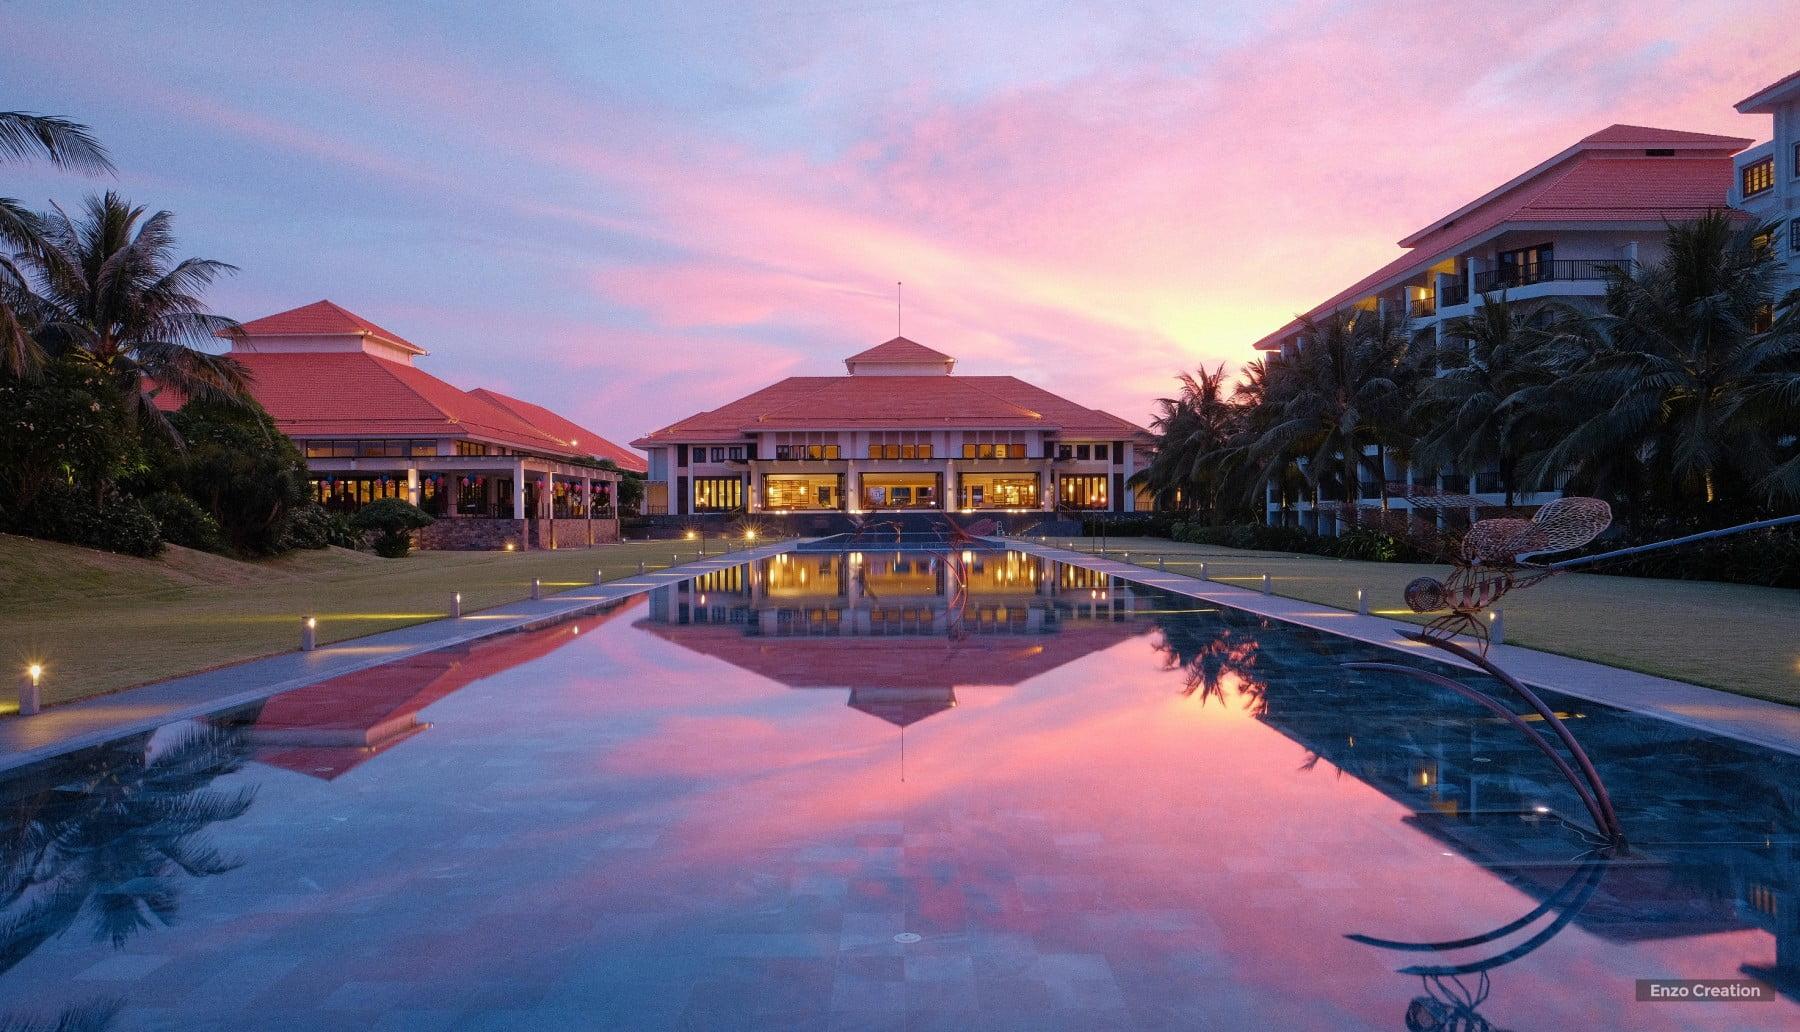 khu nghỉ dưỡng Pullman Đà Nẵng